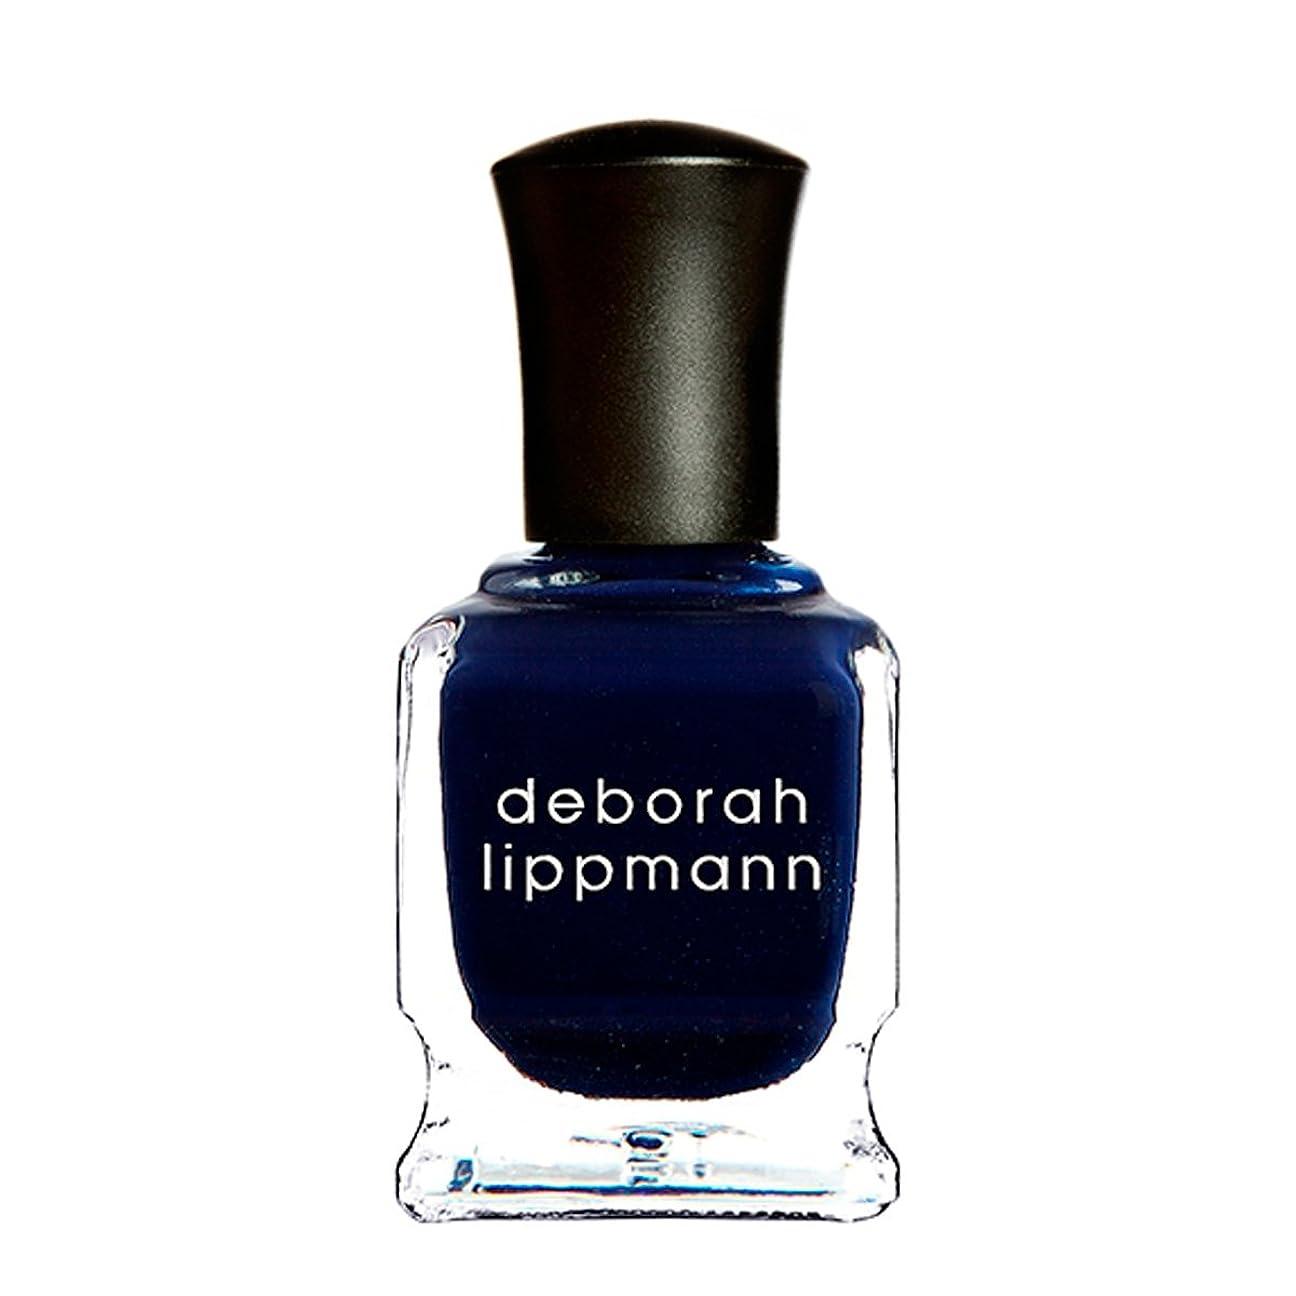 流体臭い接尾辞[Deborah Lippmann] [ デボラリップマン] ローリングインザディープ (Rolling in the Deep) 色:ミッドナイトブルー ネイルカラー系統:ブルー 15mL